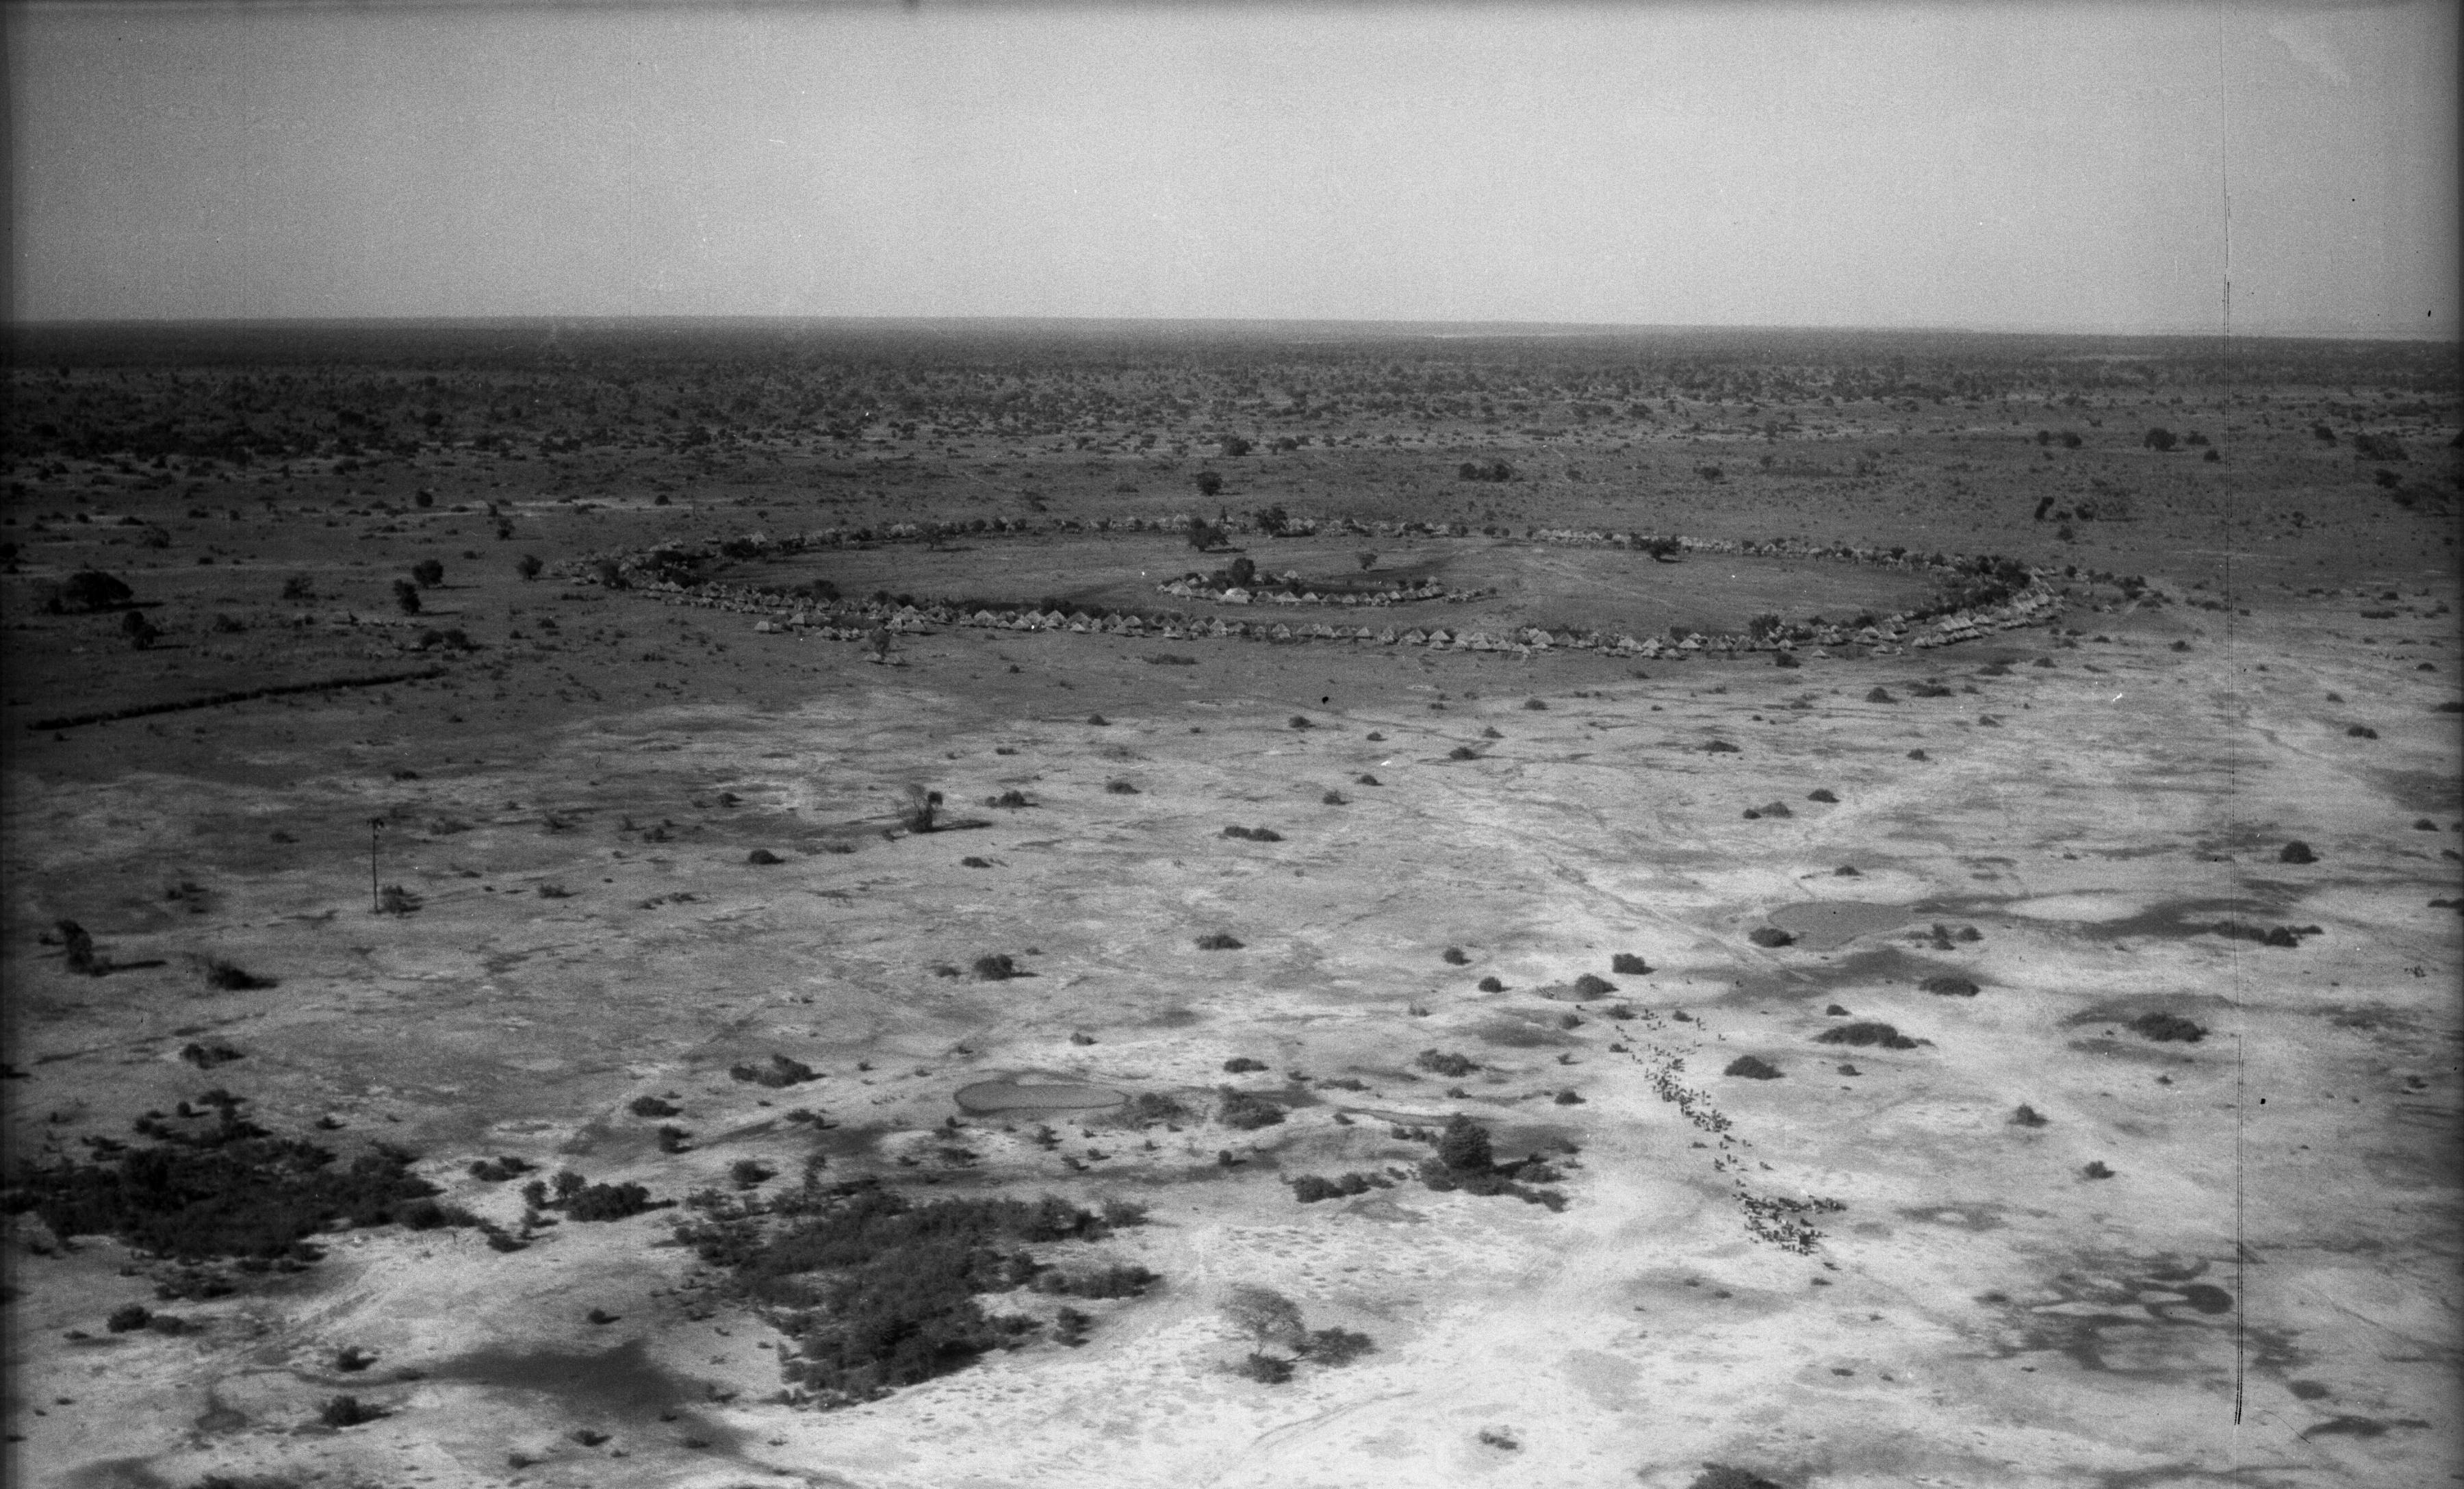 Das Dorf von Chief Mukobela im Jahr 1937 aus der Ferne